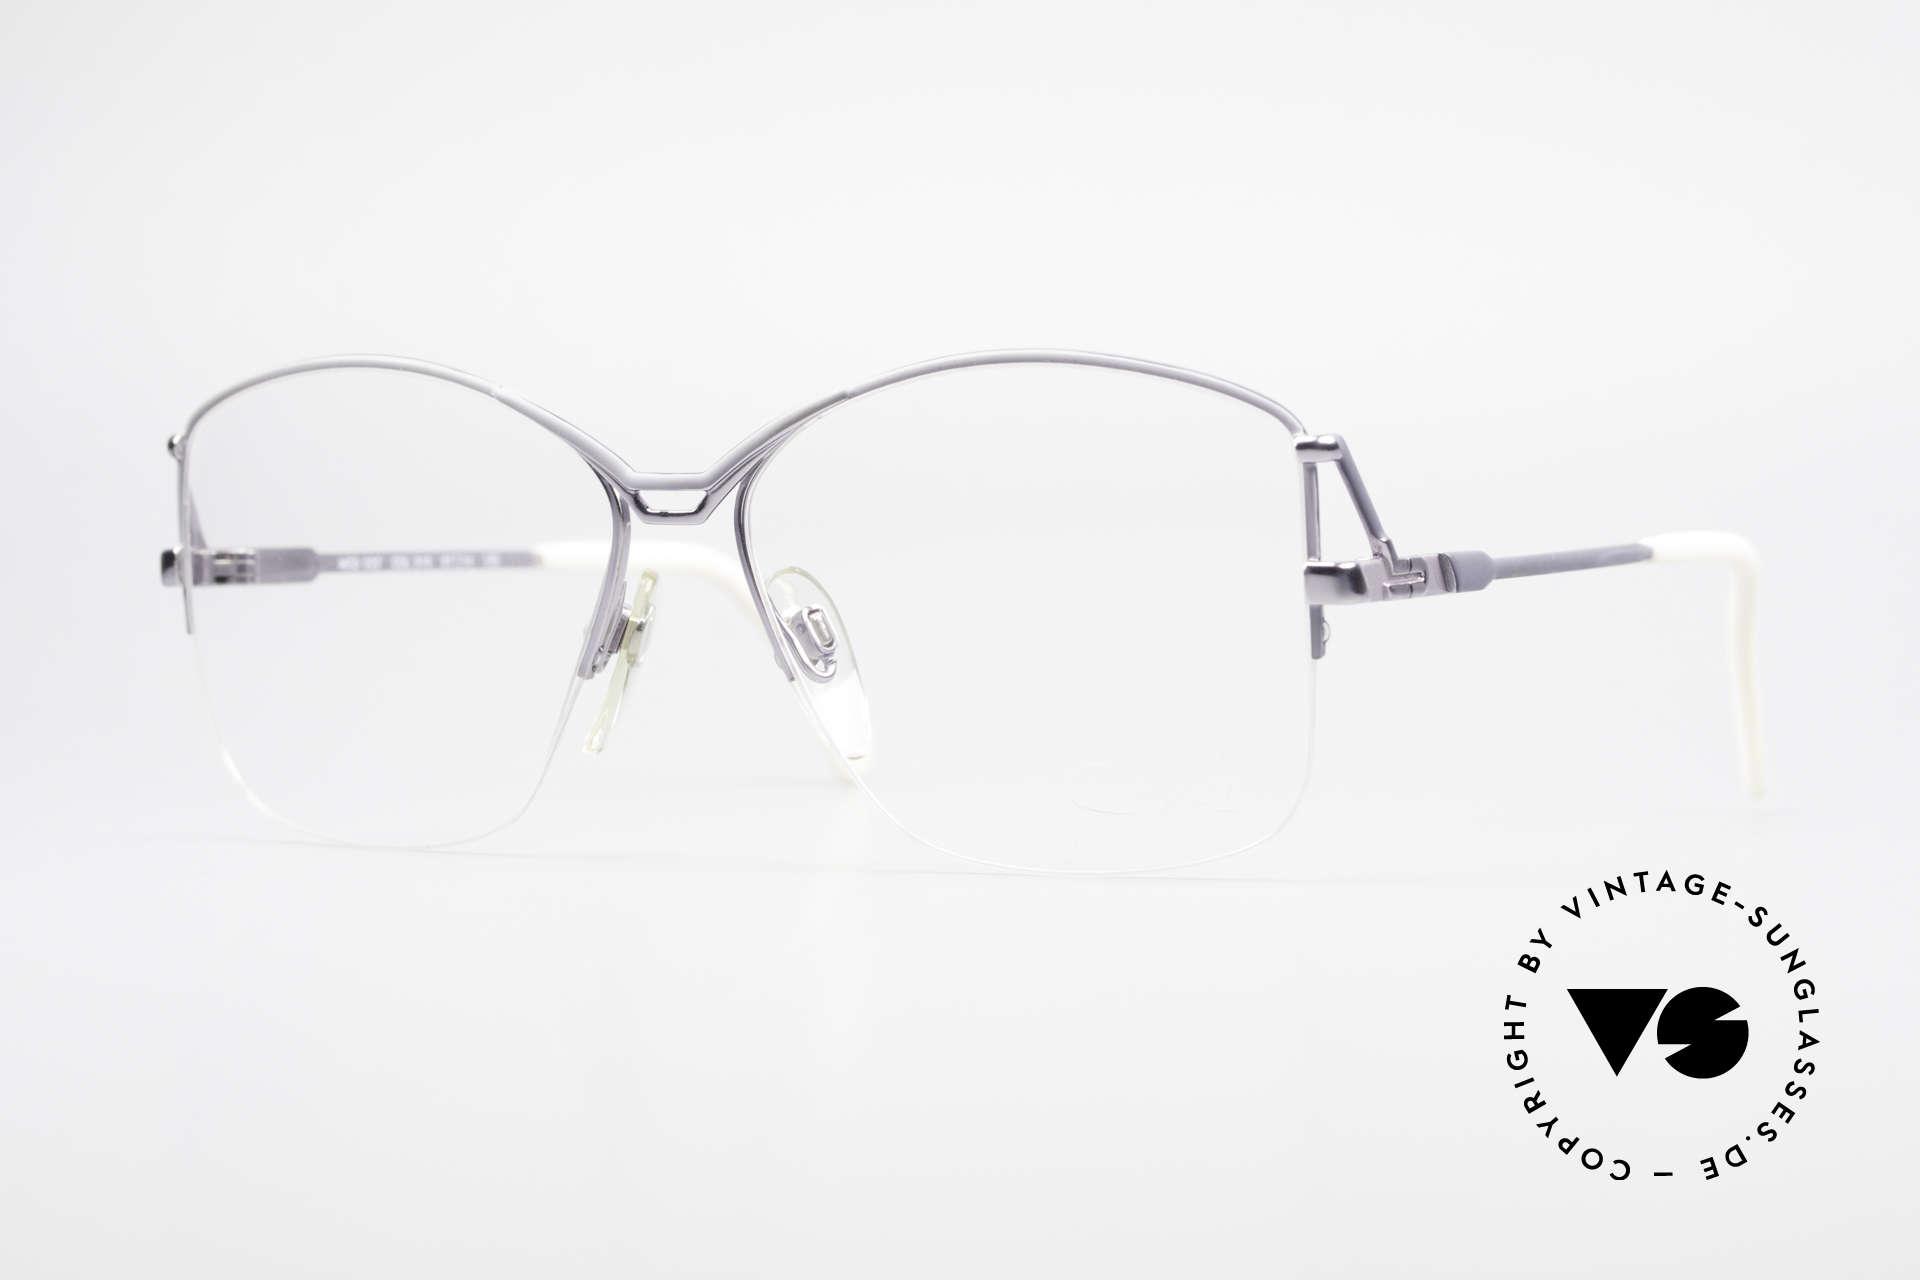 Cazal 222 80's Original No Retro Glasses, discreet vintage designer eyeglass-frame by Cazal, Made for Women